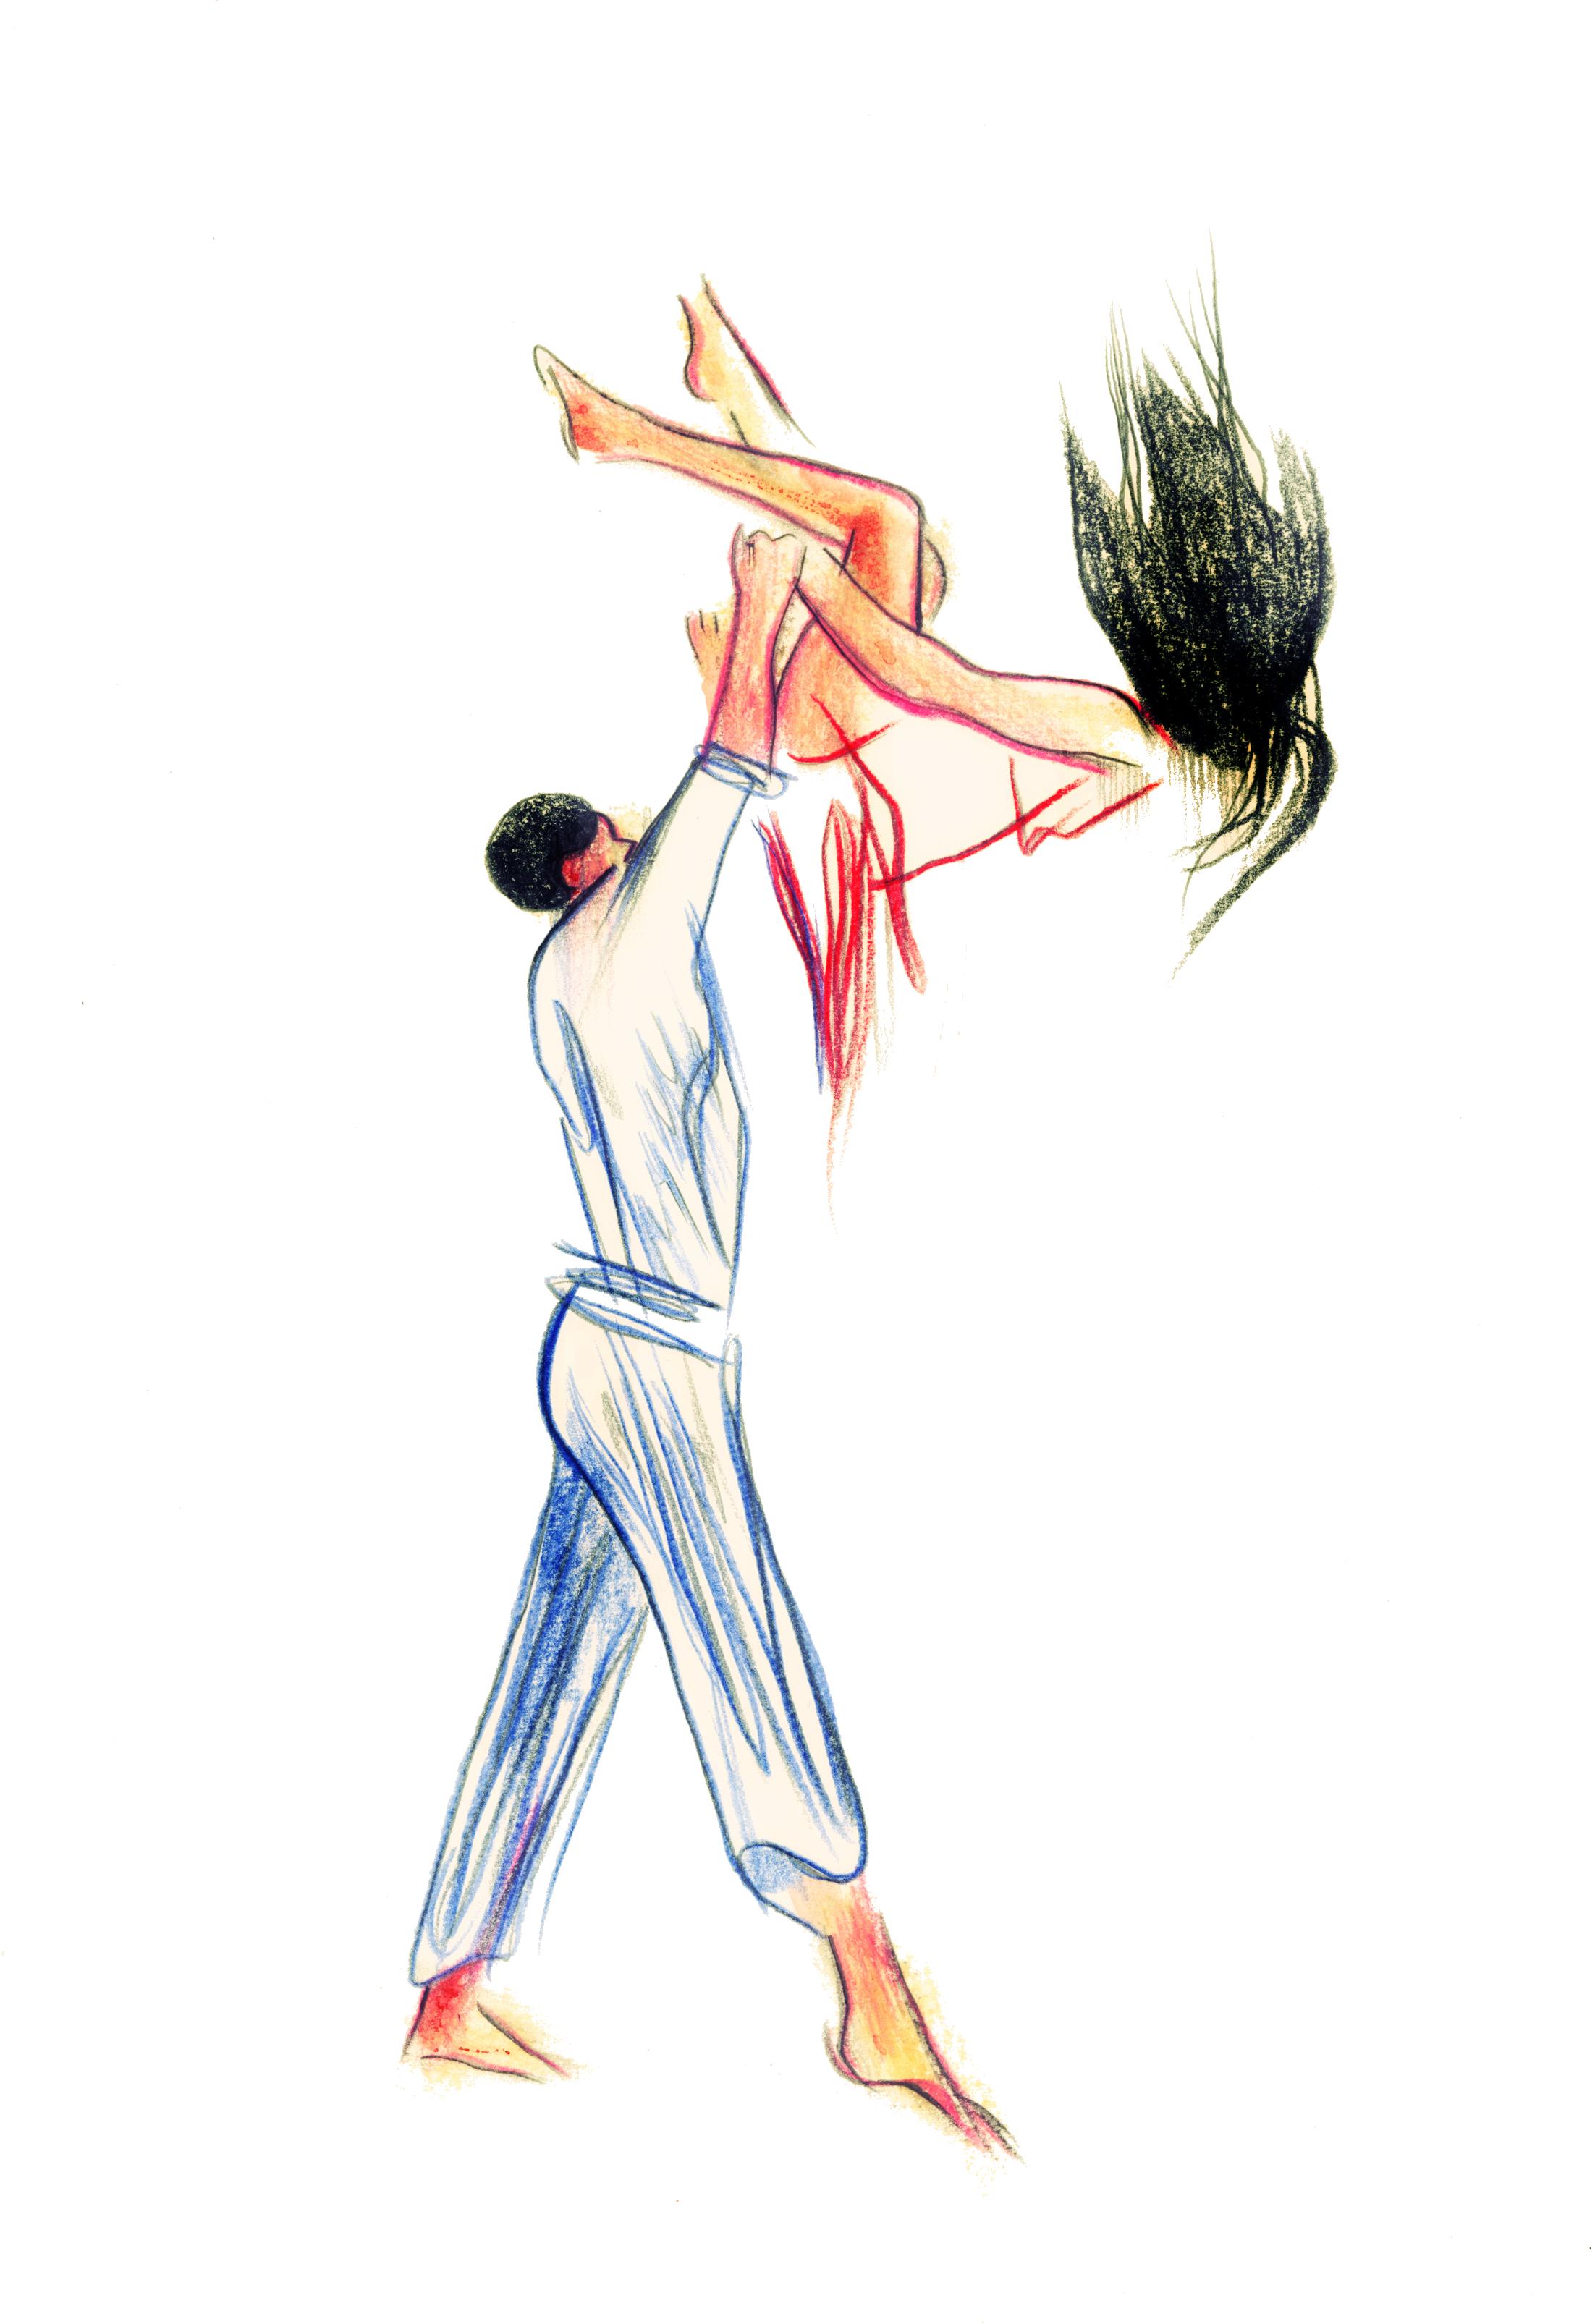 Danse 8 | GALERIE TREIZE DIX / DANSE #8 | NOÉMIE CHUST